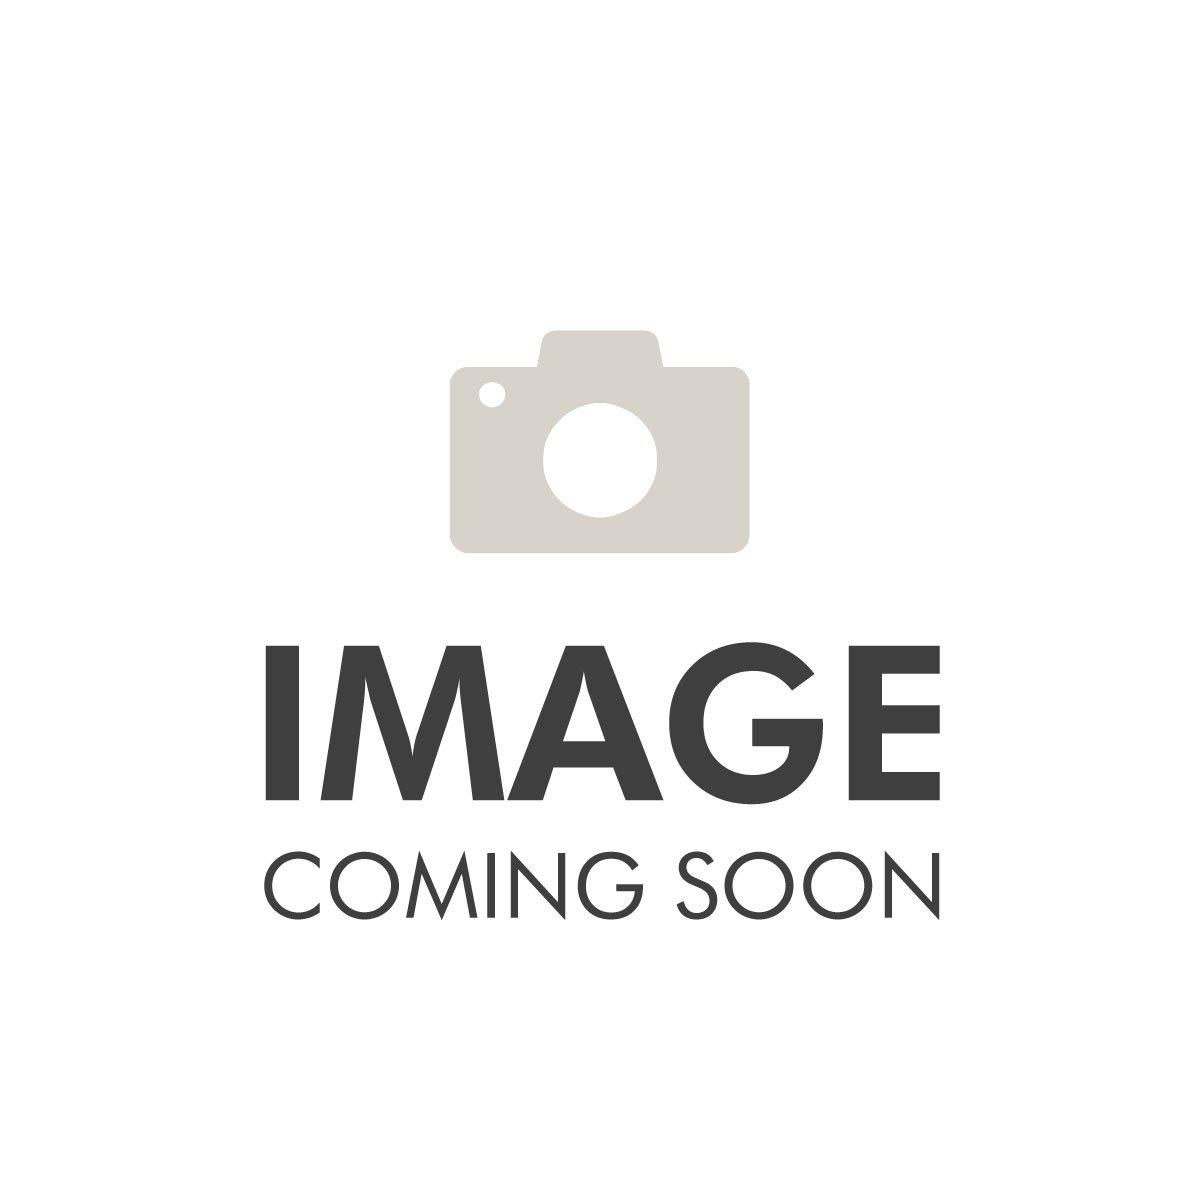 Leon Paul - Sabre Grip - Large